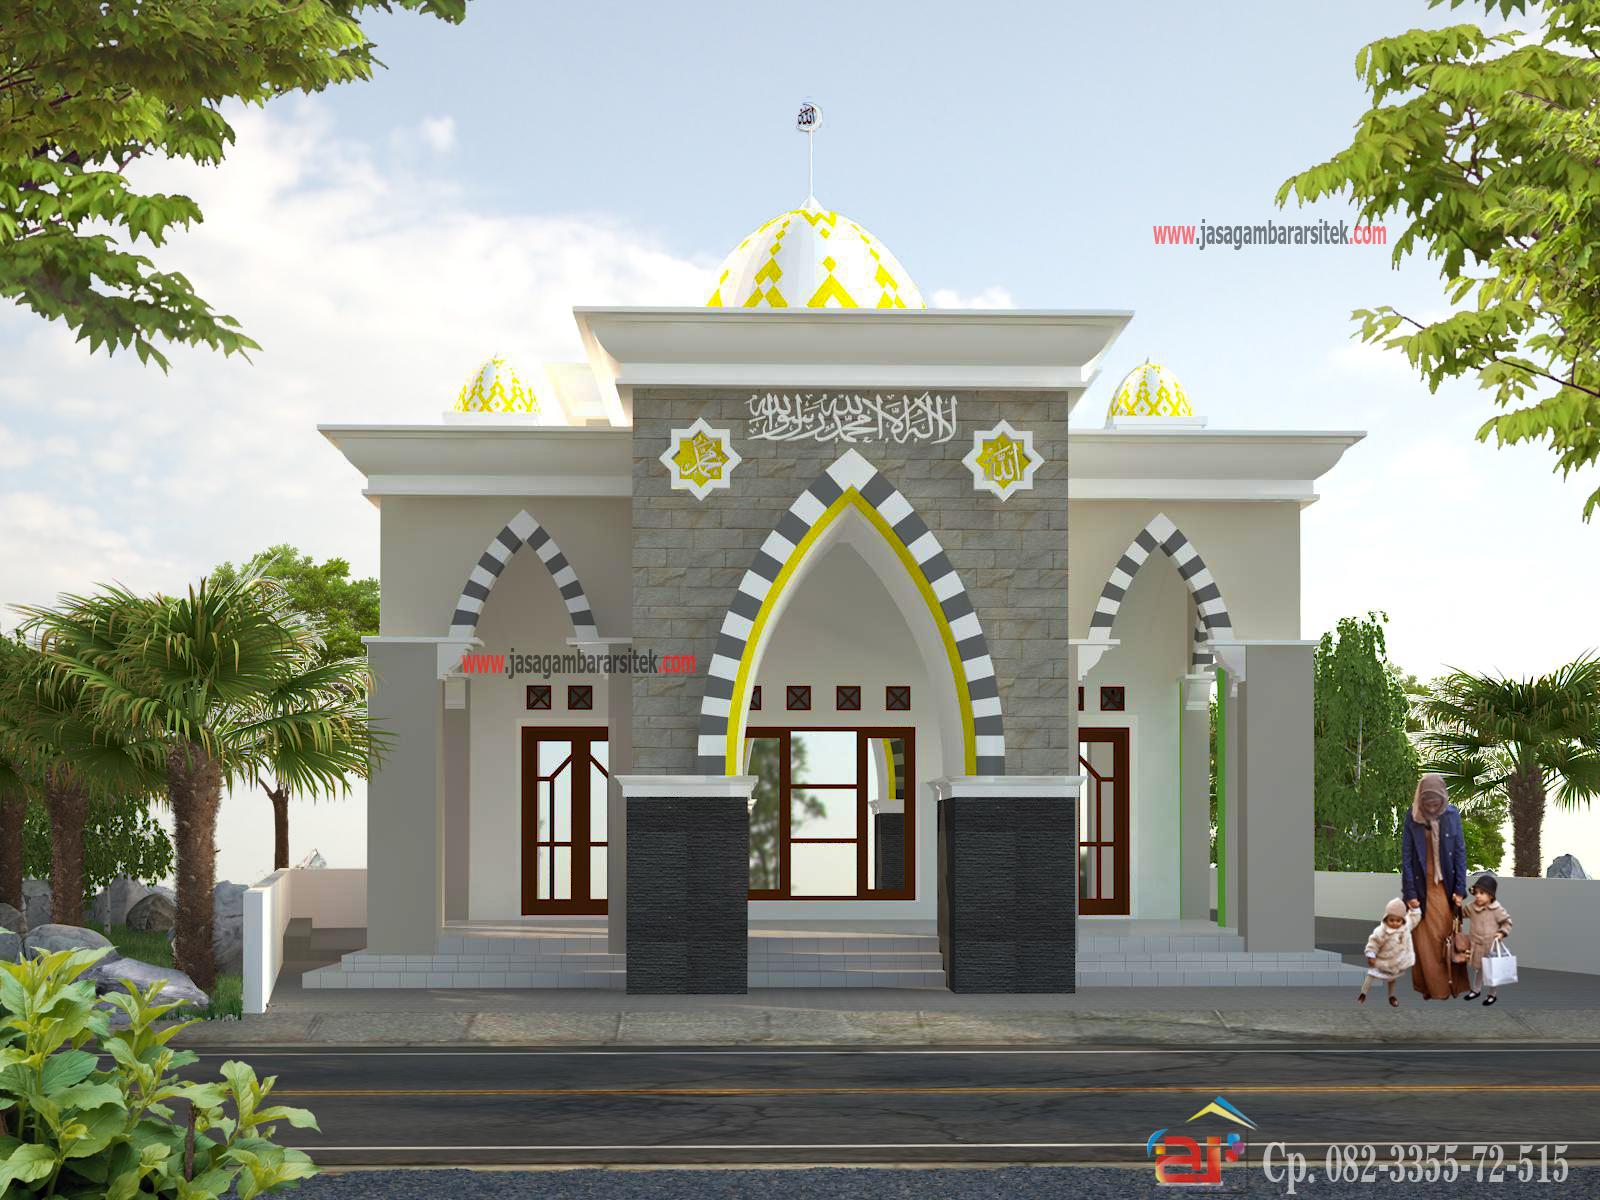 Masjid Minimalis 2016 Layanan Jasa Gambar Arsitek